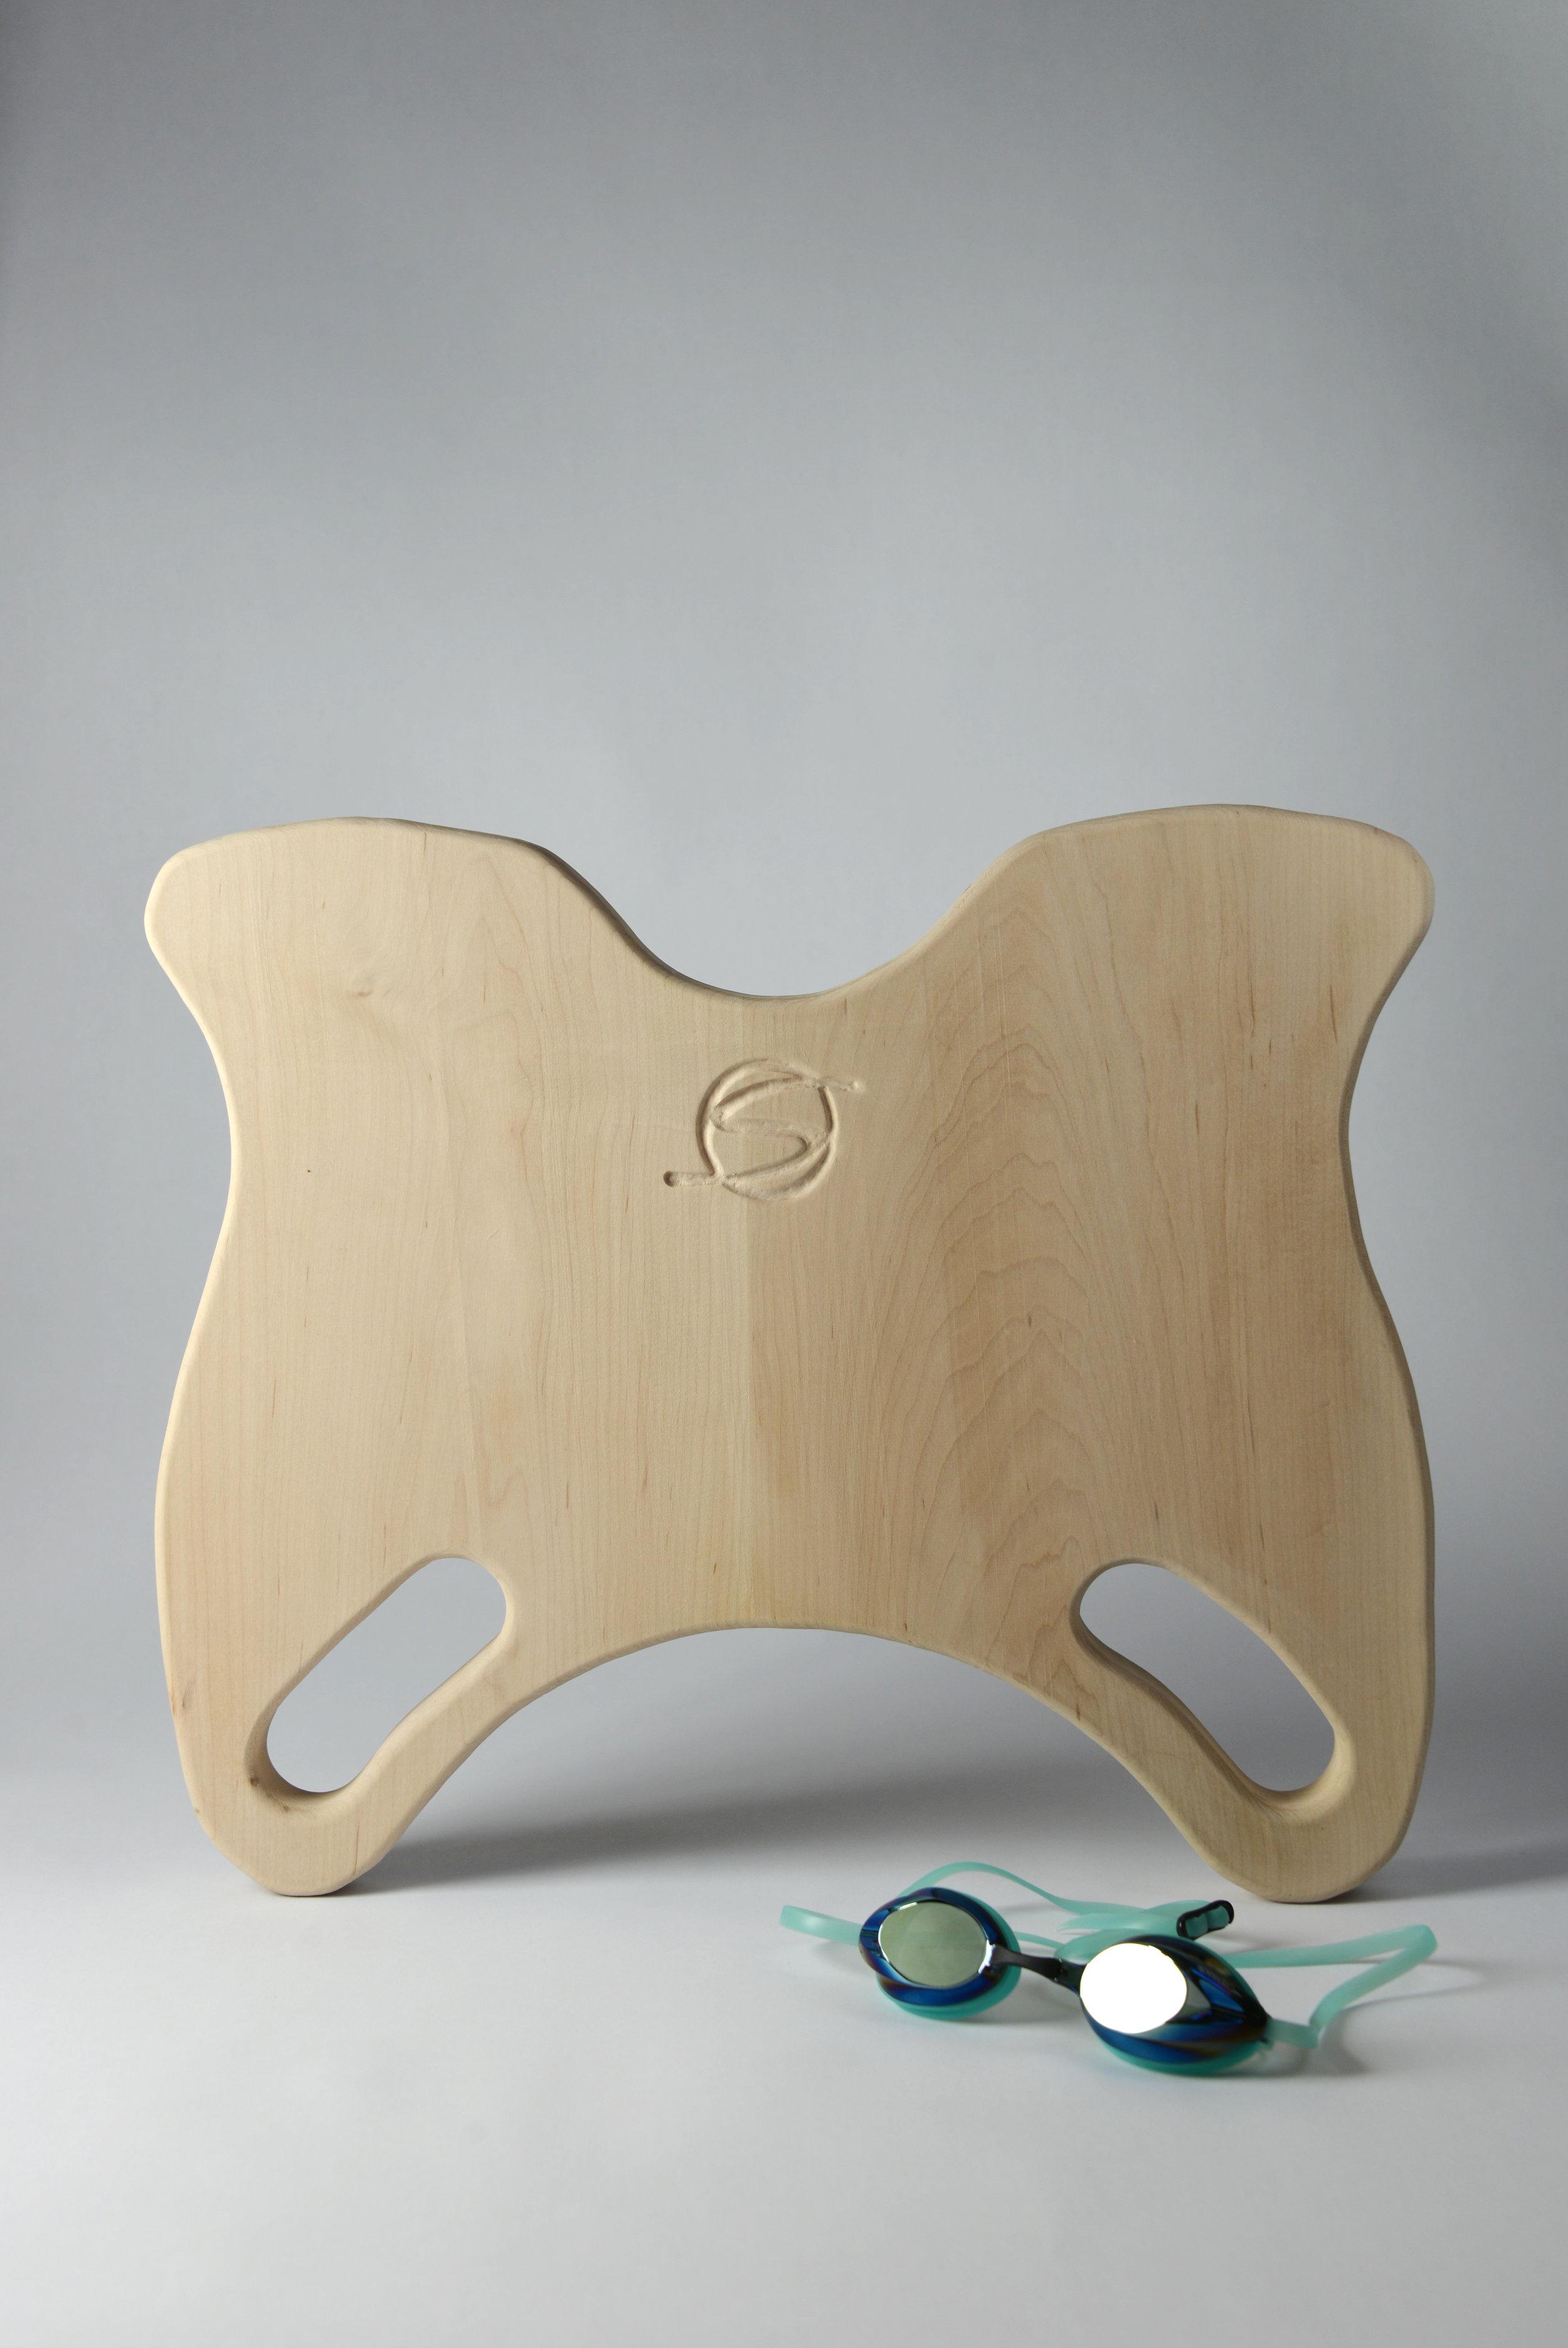 Maple Kickboard Model (2016)